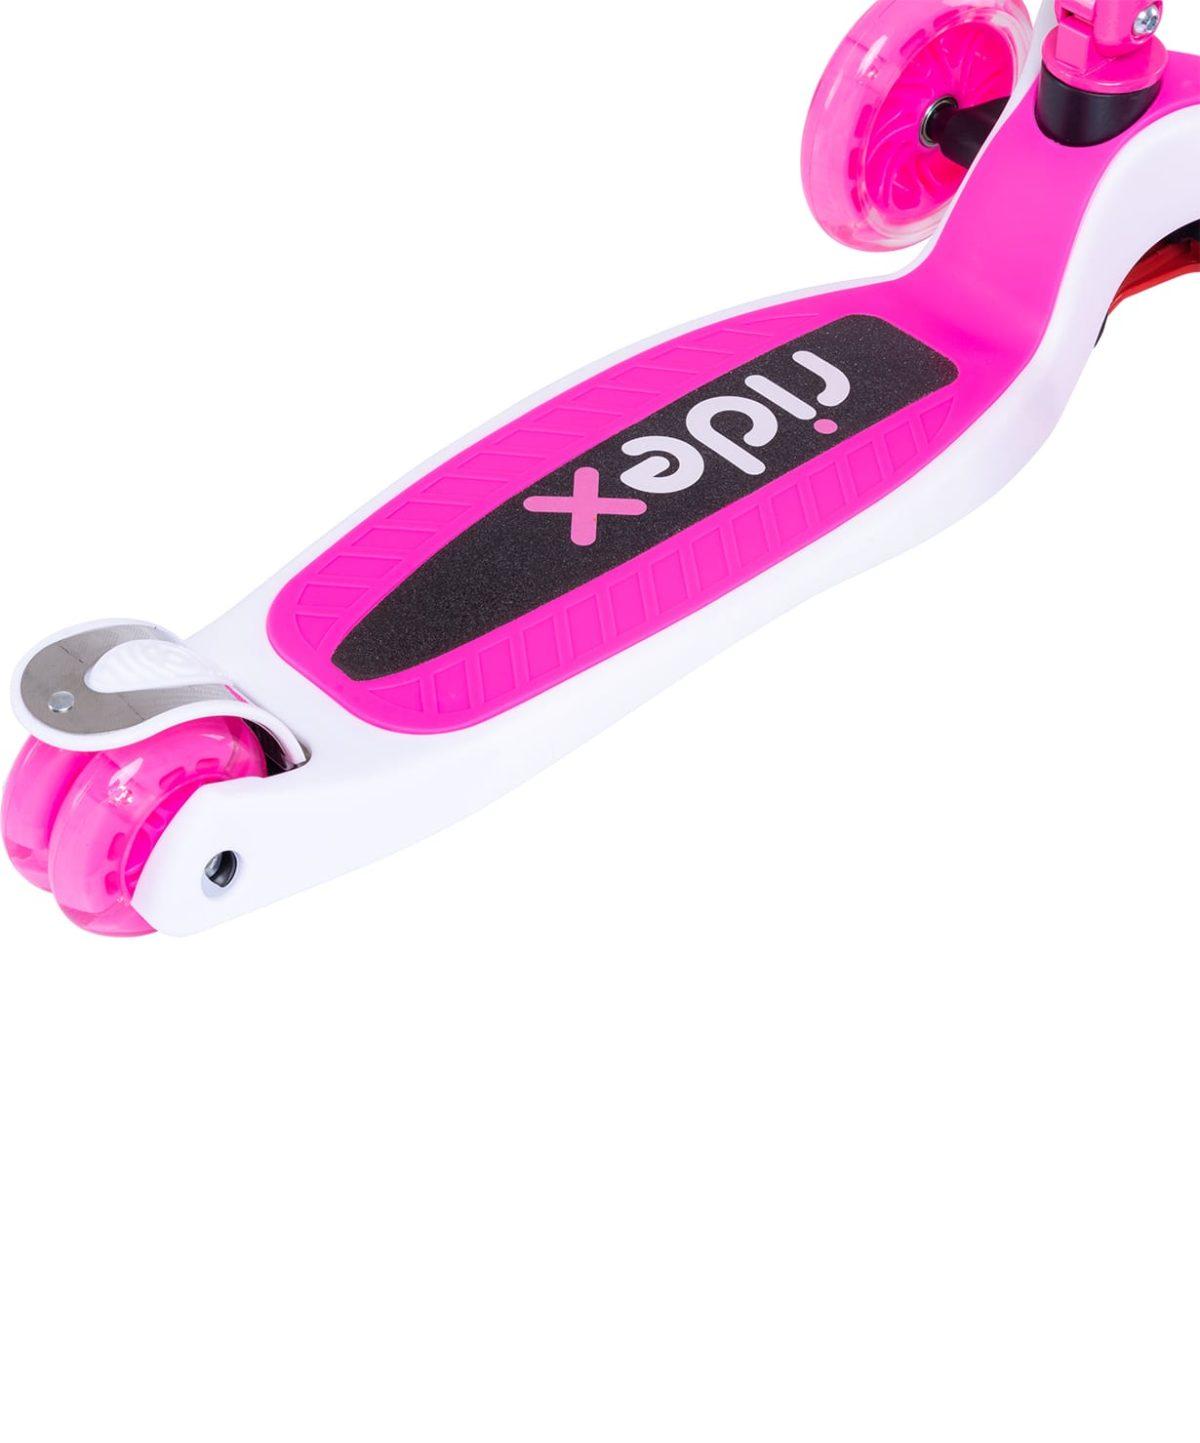 RIDEX 3D Tiny Tot Самокат 3-колесный Tiny Tot 120/80 мм  Tiny Tot: розовый - 5